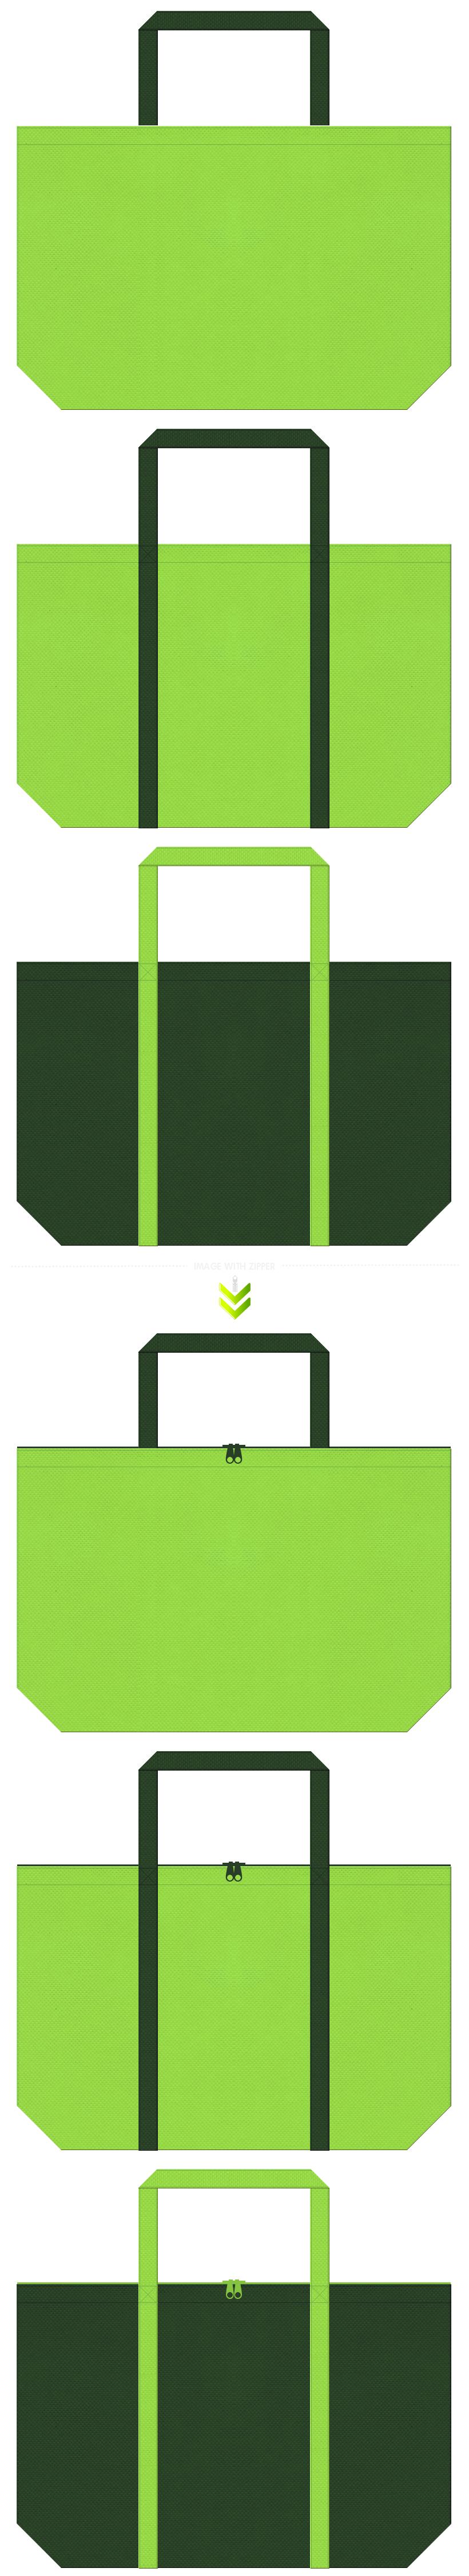 黄緑色と濃緑色の不織布バッグデザイン。植物園・園芸用品・屋上緑化・壁面緑化・ゴルフ・人工芝にお奨めの配色です。